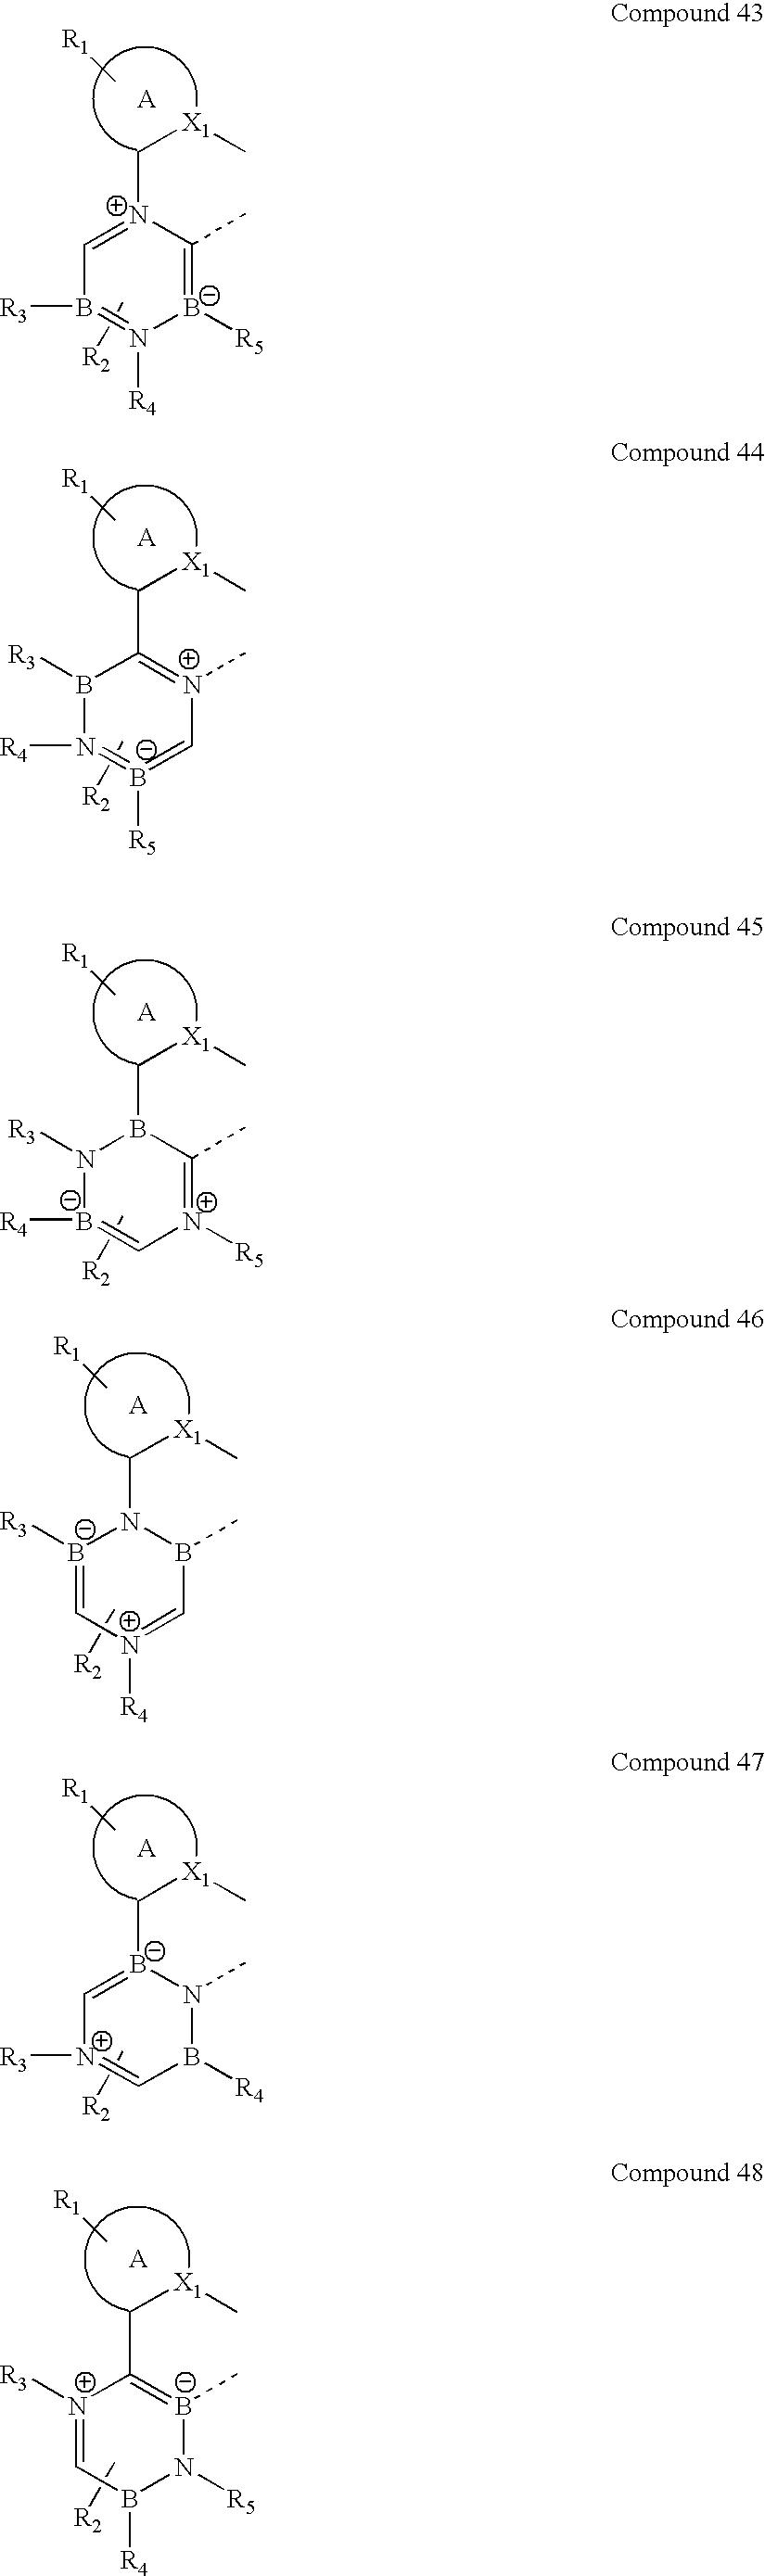 Figure US08586203-20131119-C00038